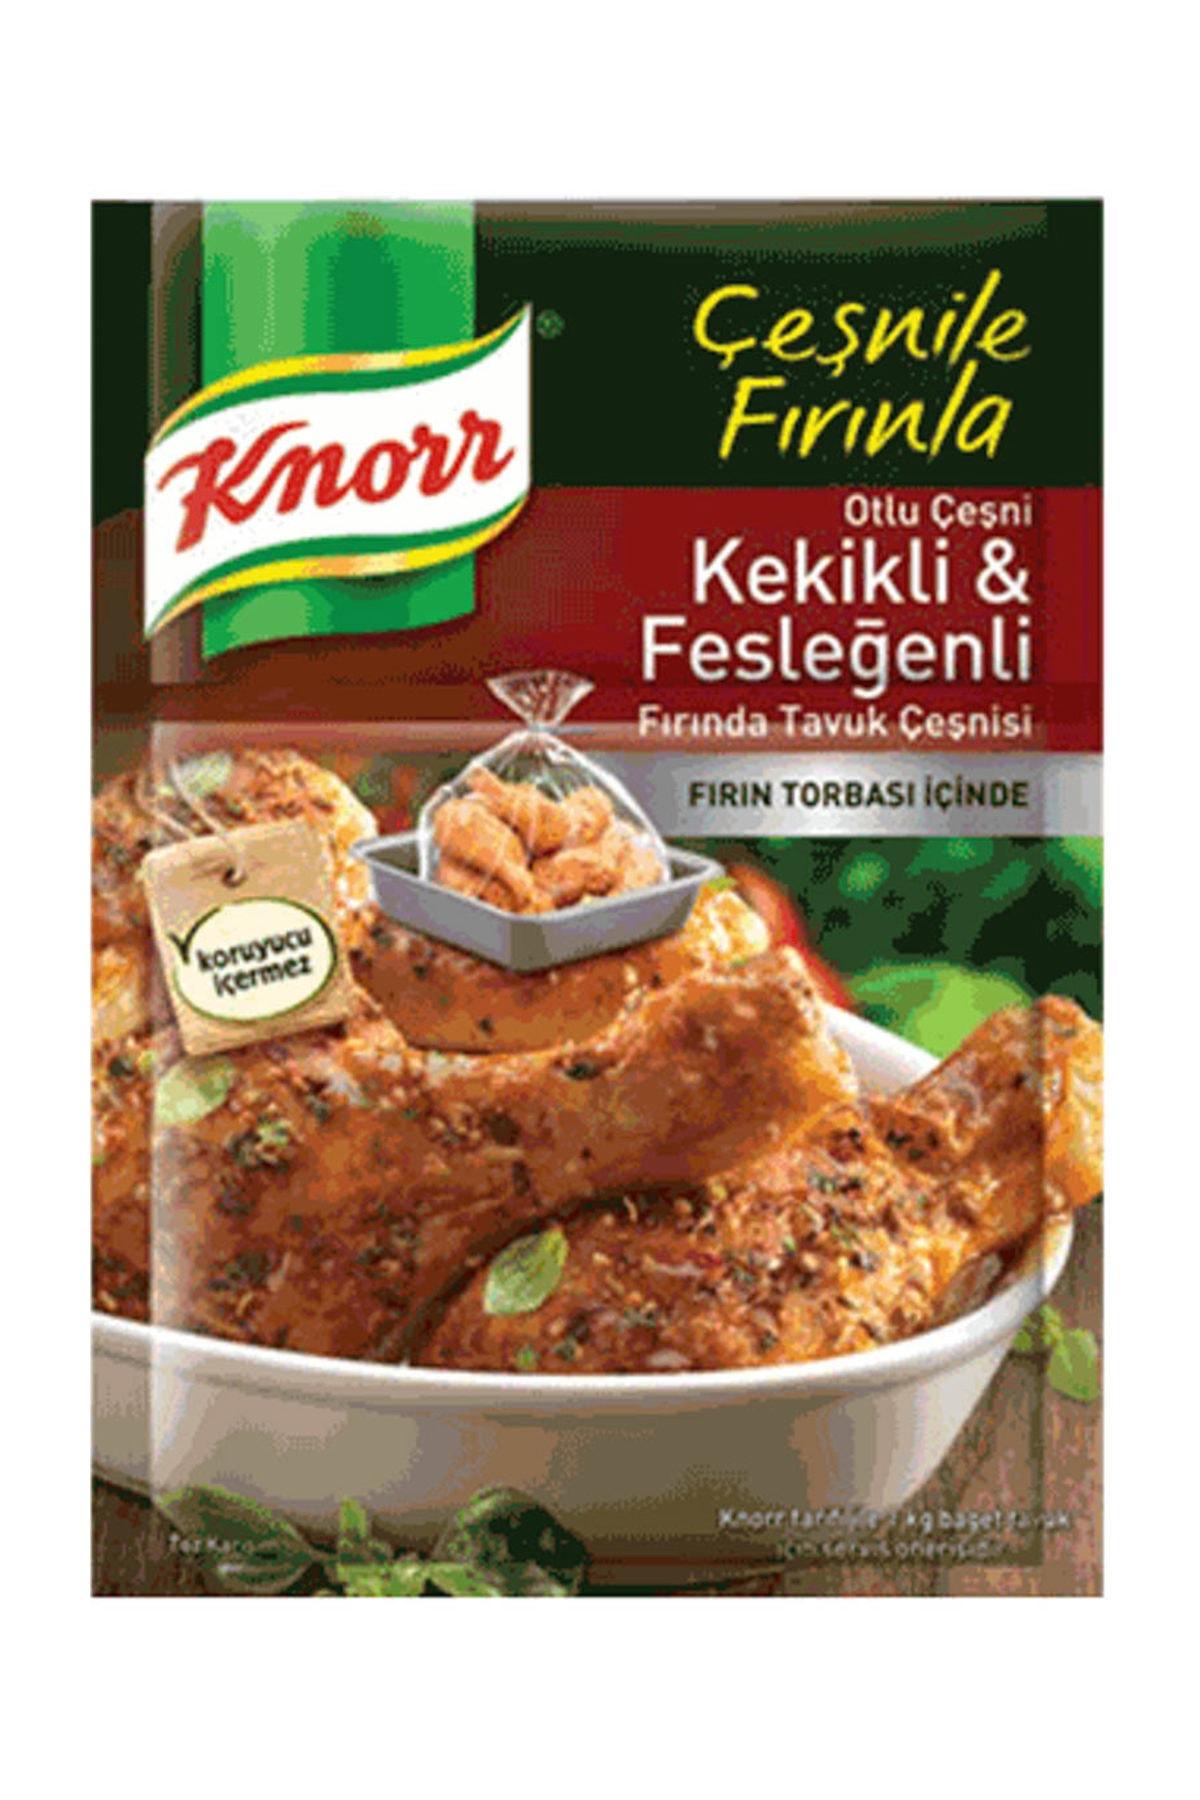 Knorr Kekikli Fesleğenli Tavuk Çeşni 32 gr 1